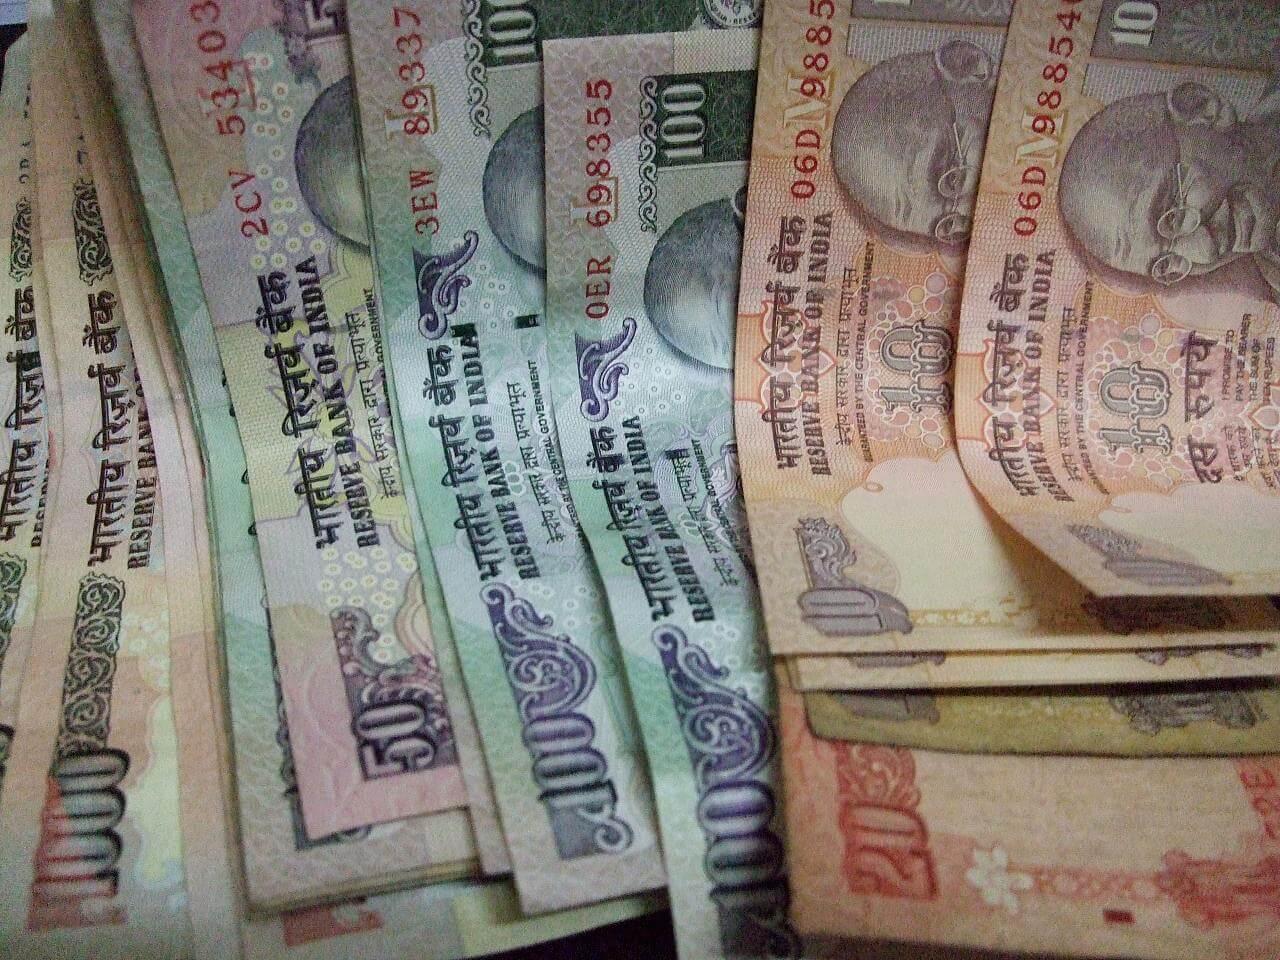 DTÖ Hindistan İhracat Sübvansiyonlarının Kaldırılması Gerektiğine Hükmetti